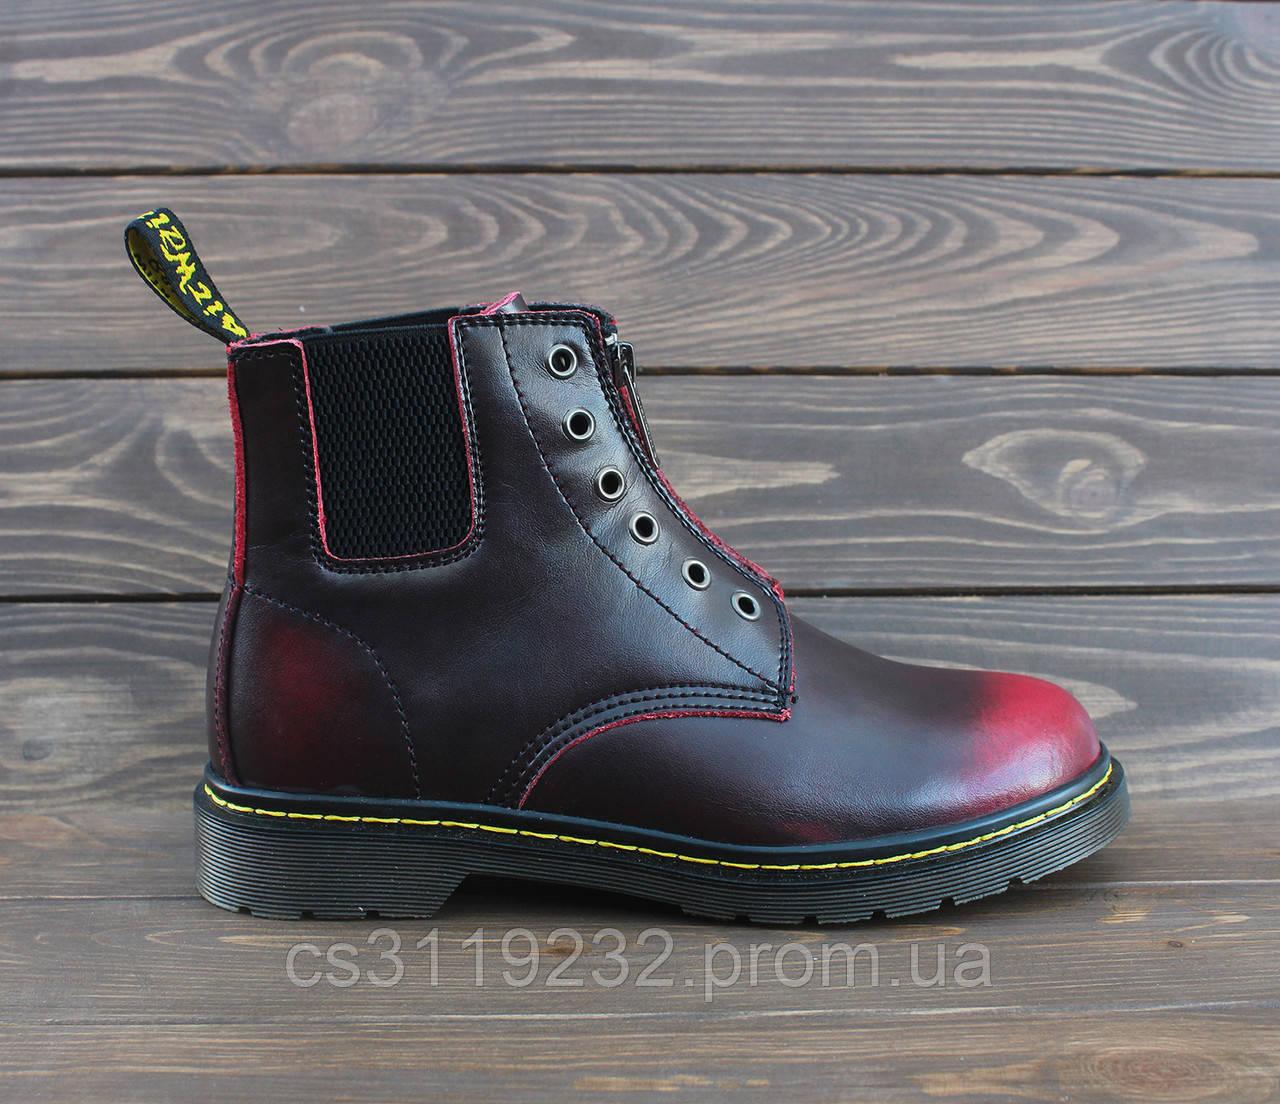 Жіночі черевики Dr.Martens 101 GUSSET Red демісезонні (вишневі)